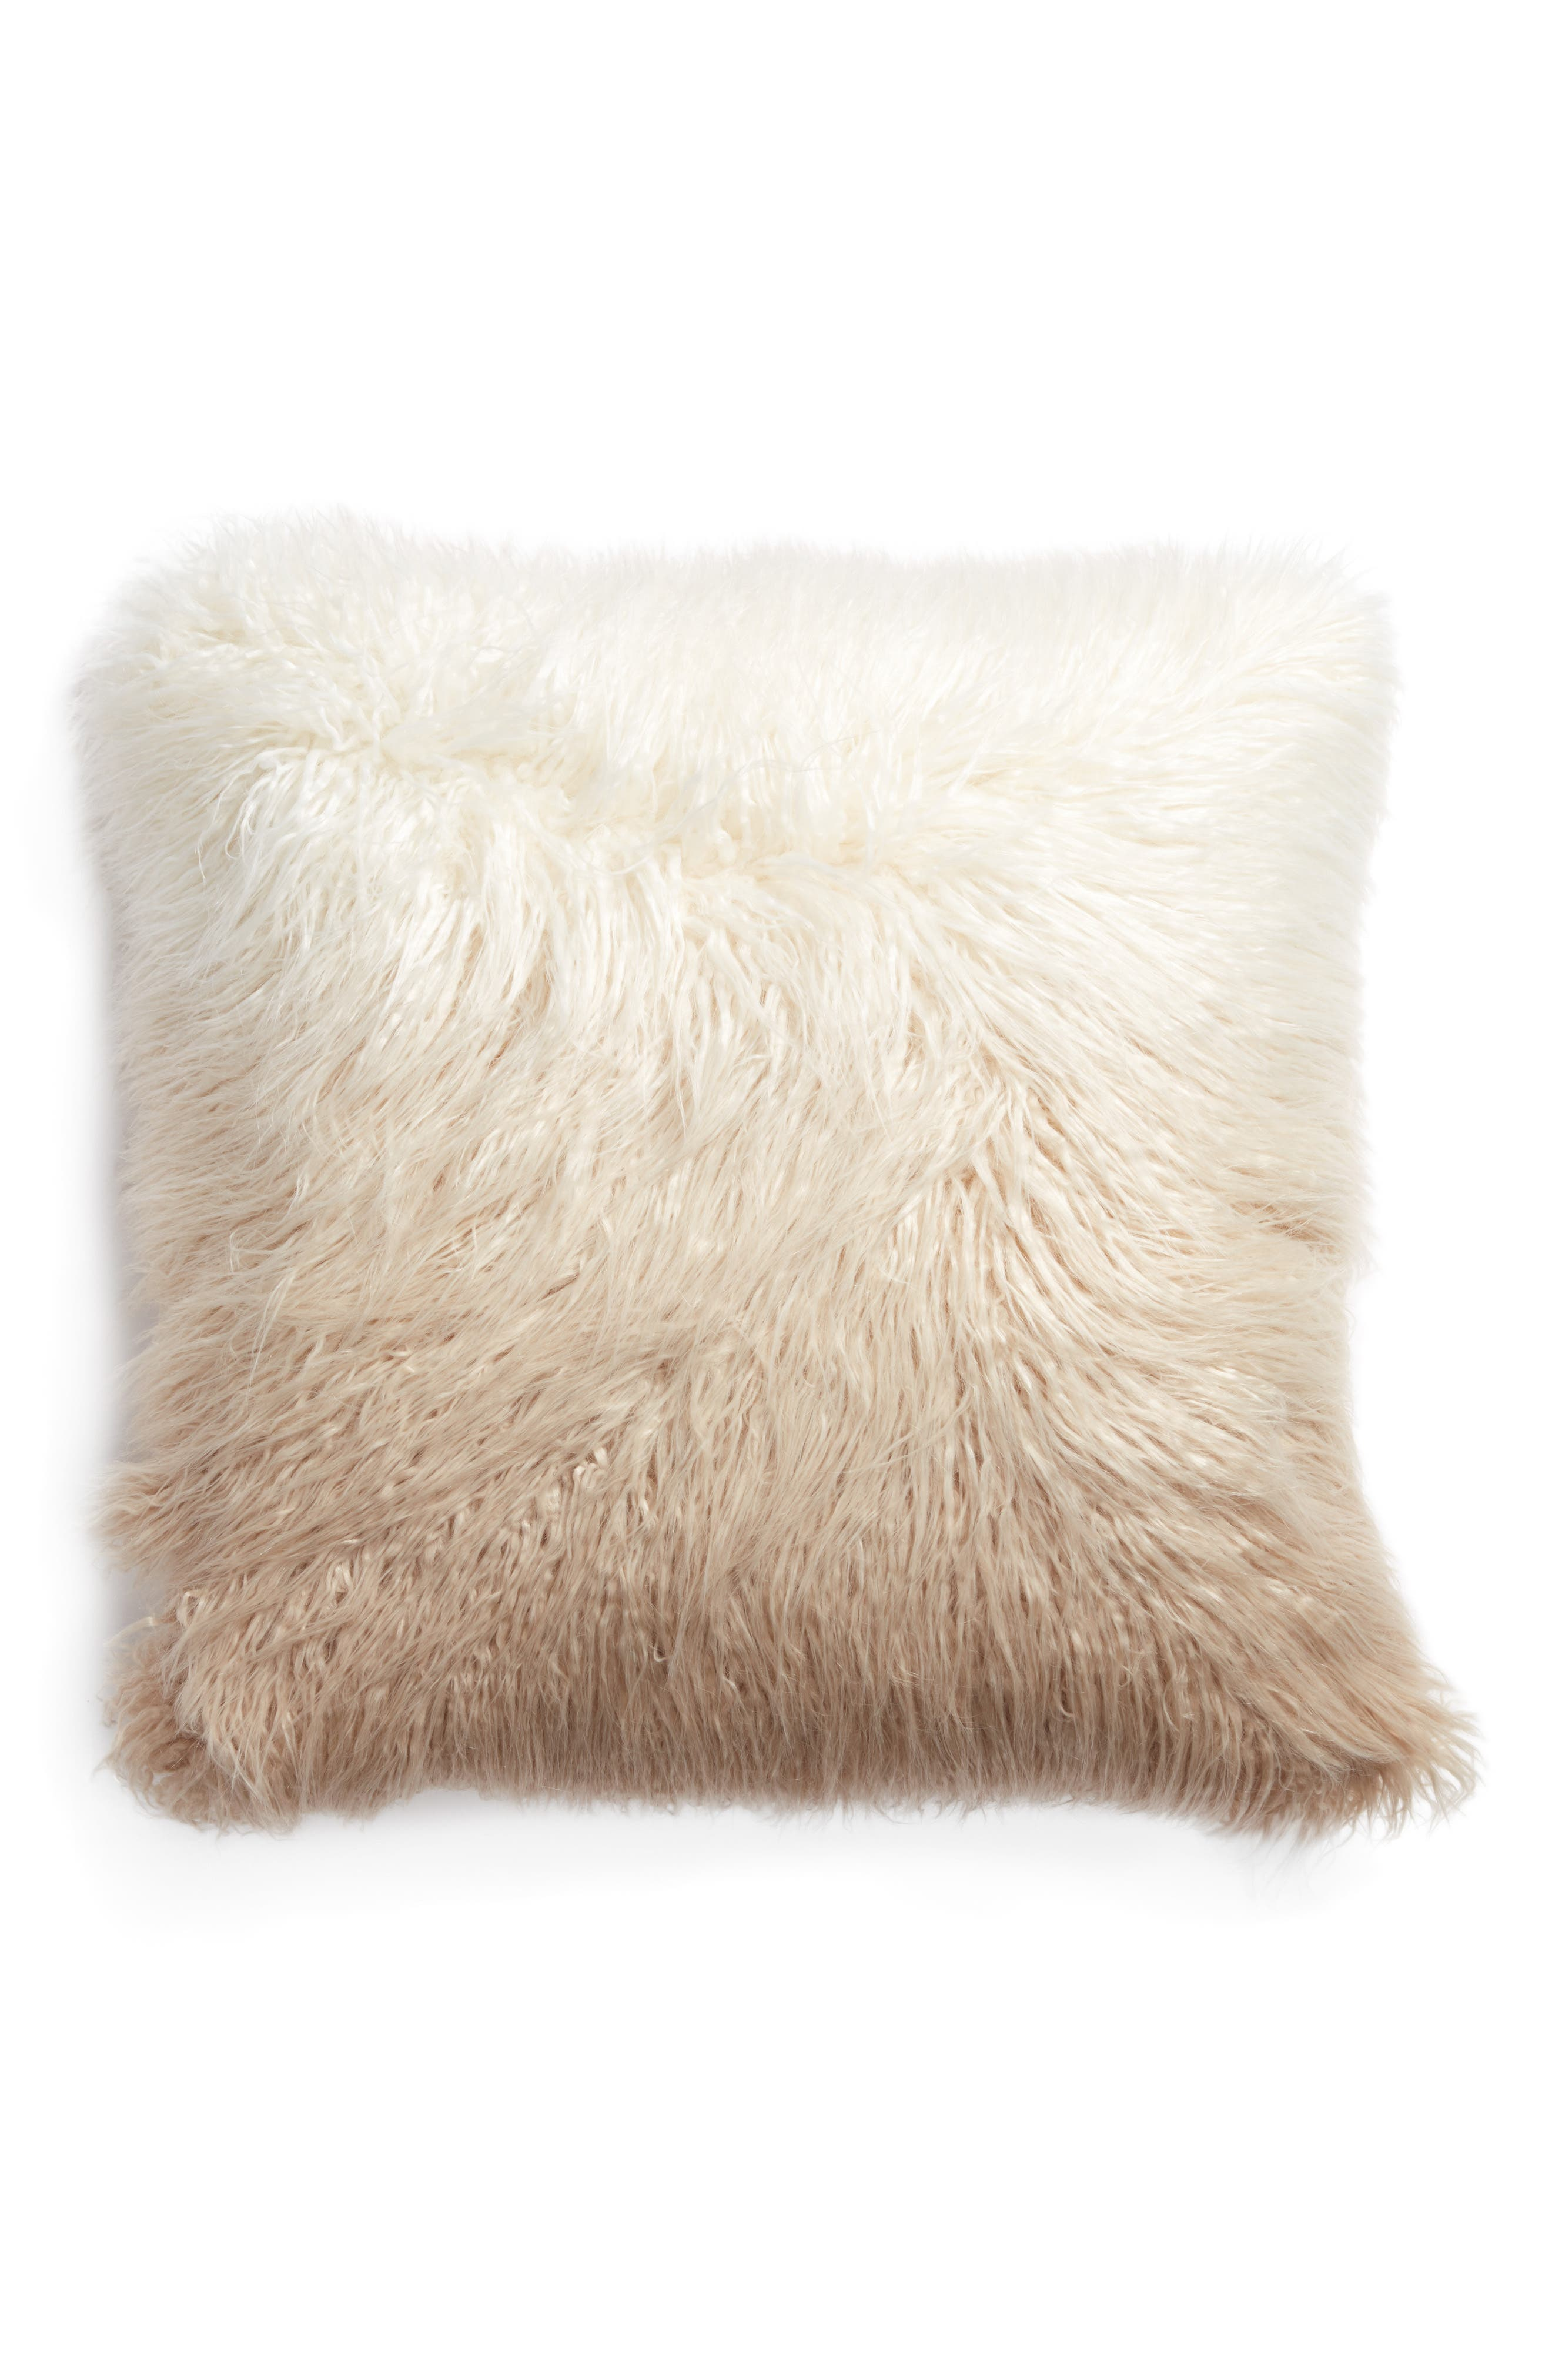 Ombré Faux Fur Flokati Accent Pillow,                         Main,                         color, Ivory